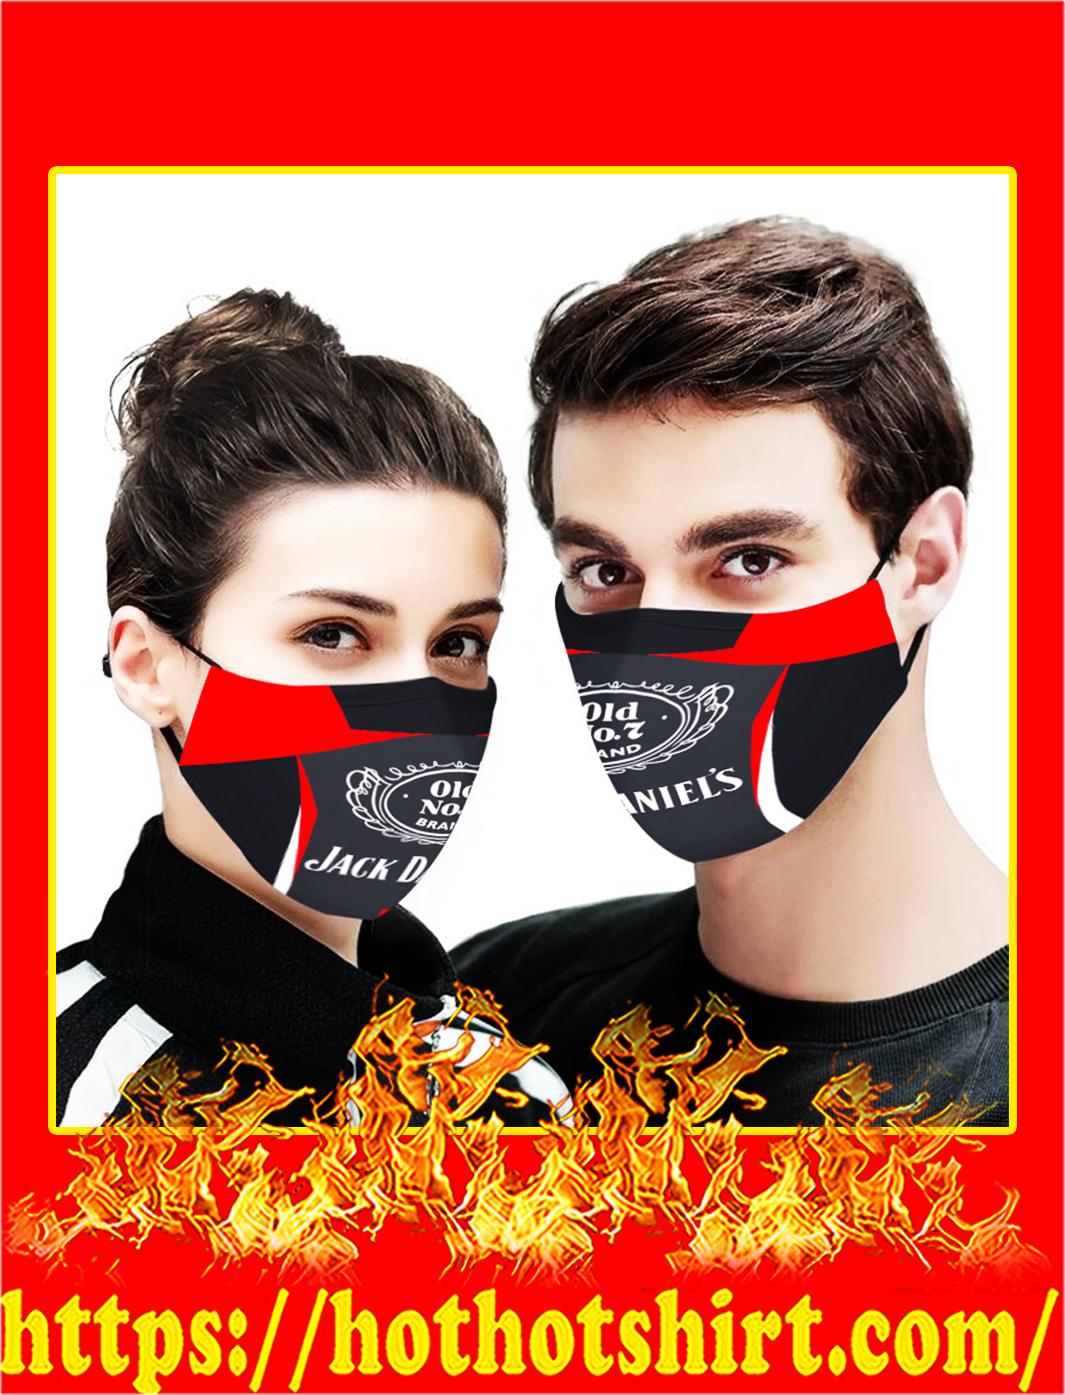 Jack daniel's cloth mask- pic 1